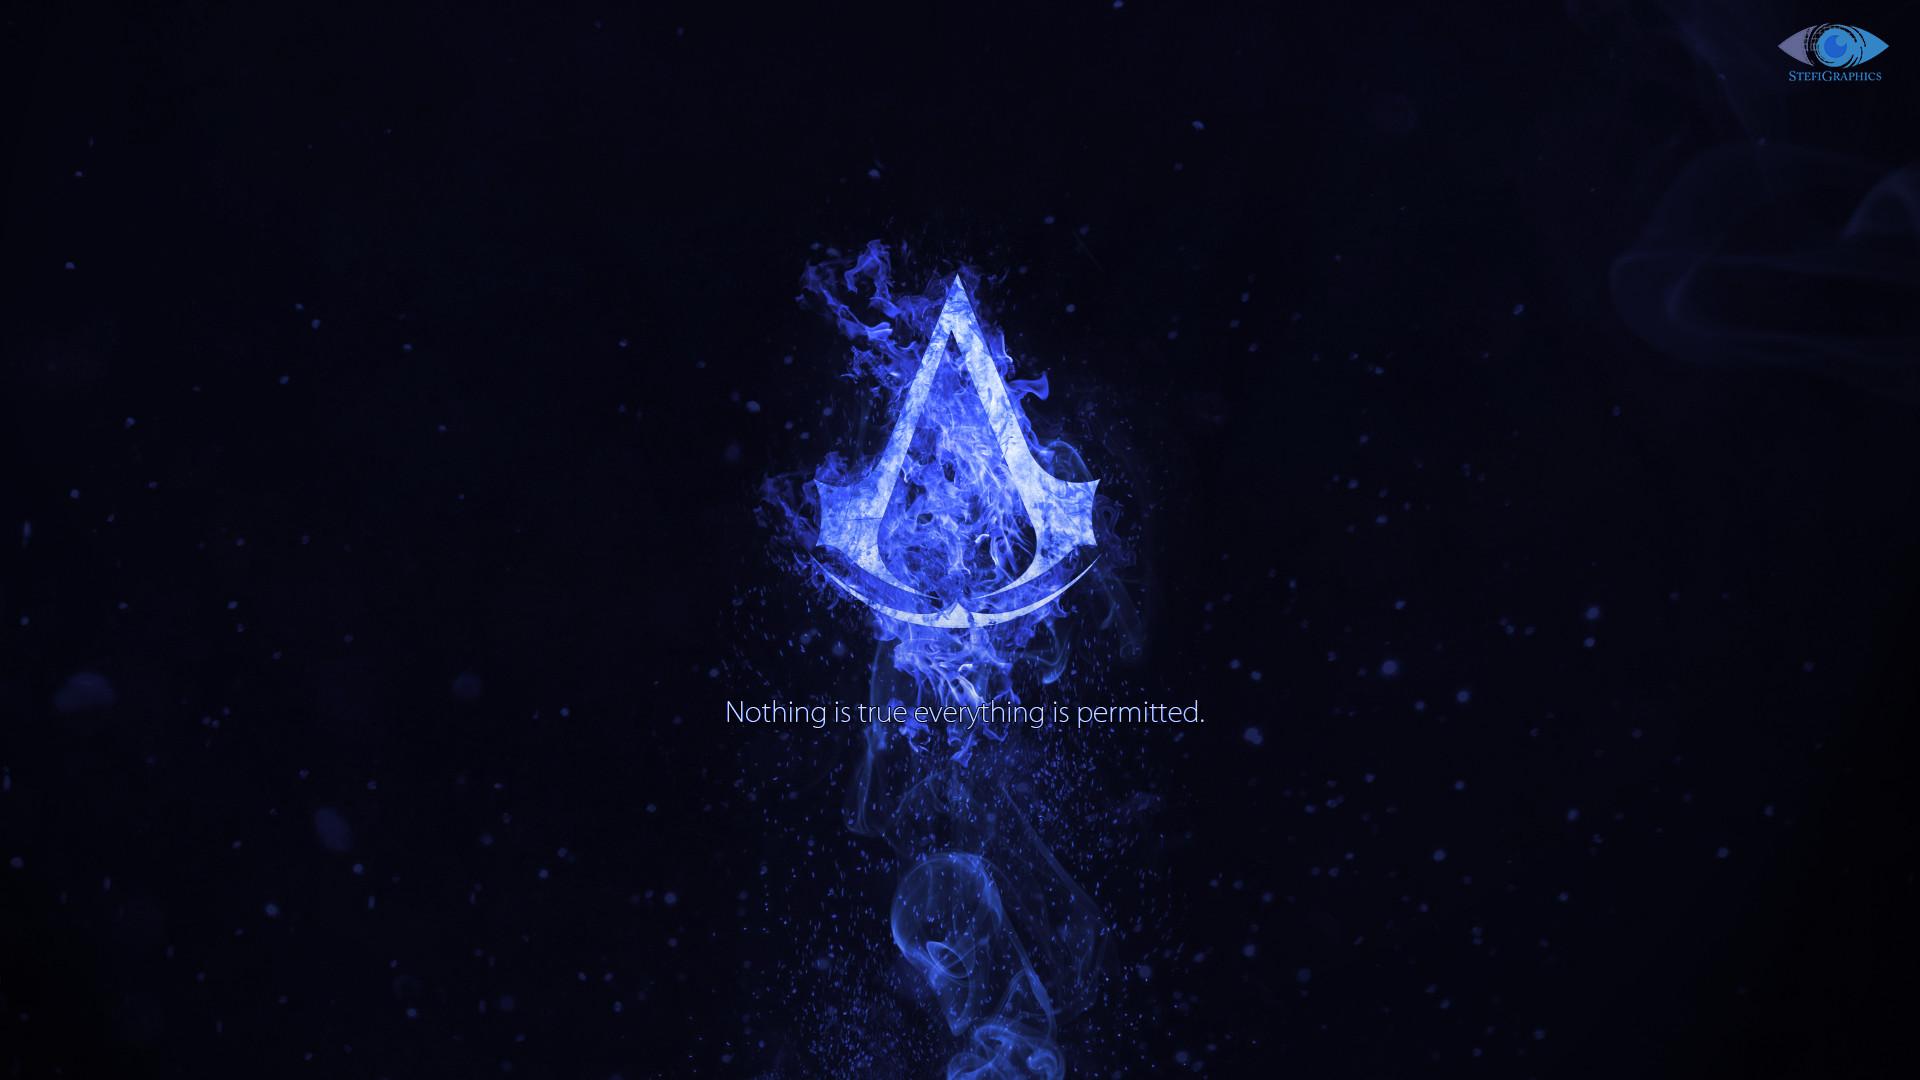 Assassin's Creed Logo Wallpaper